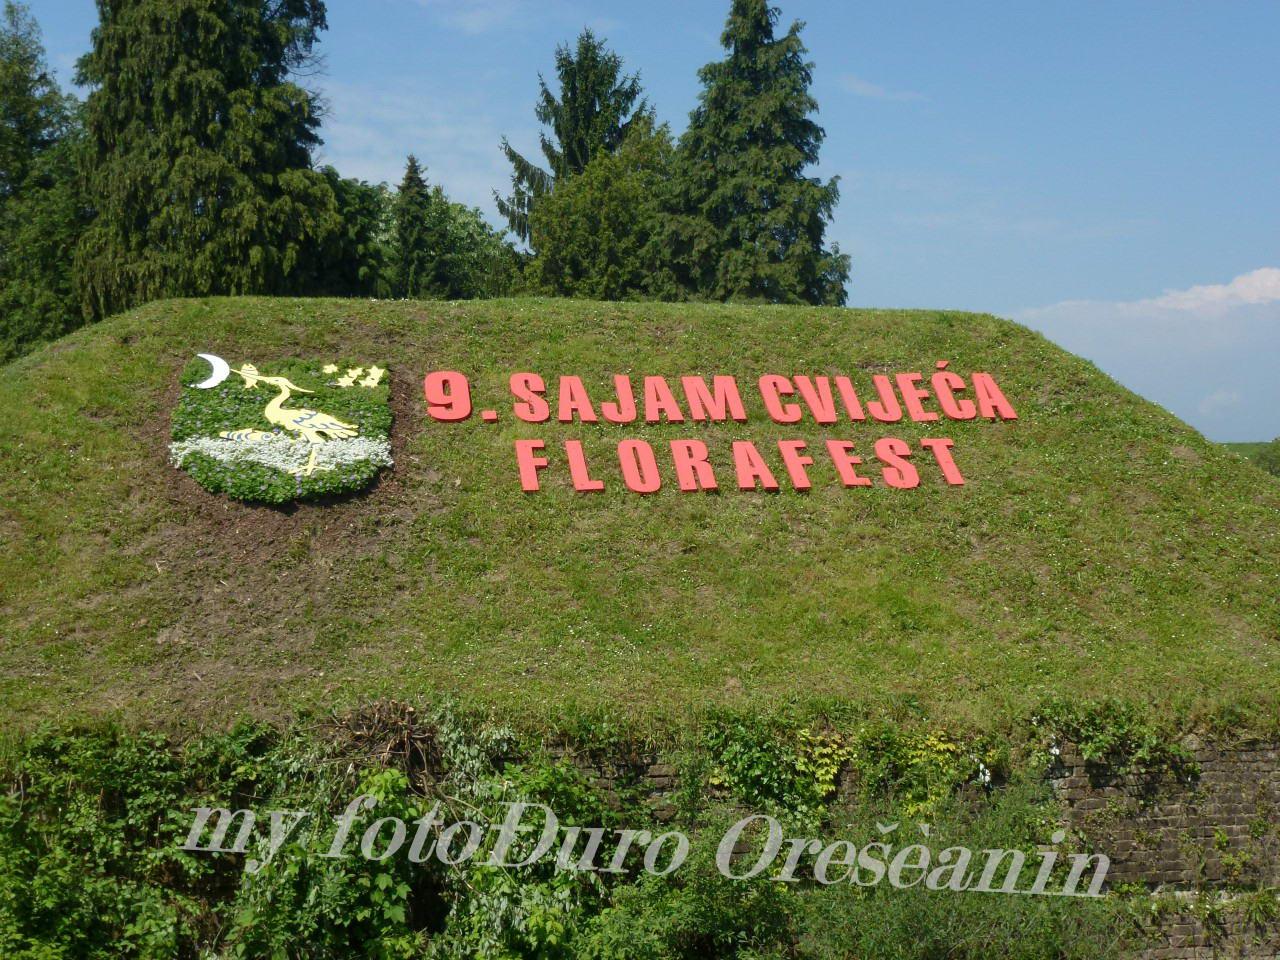 9 . Sajam cvijeca - Florafest  Sl . Brod  2016